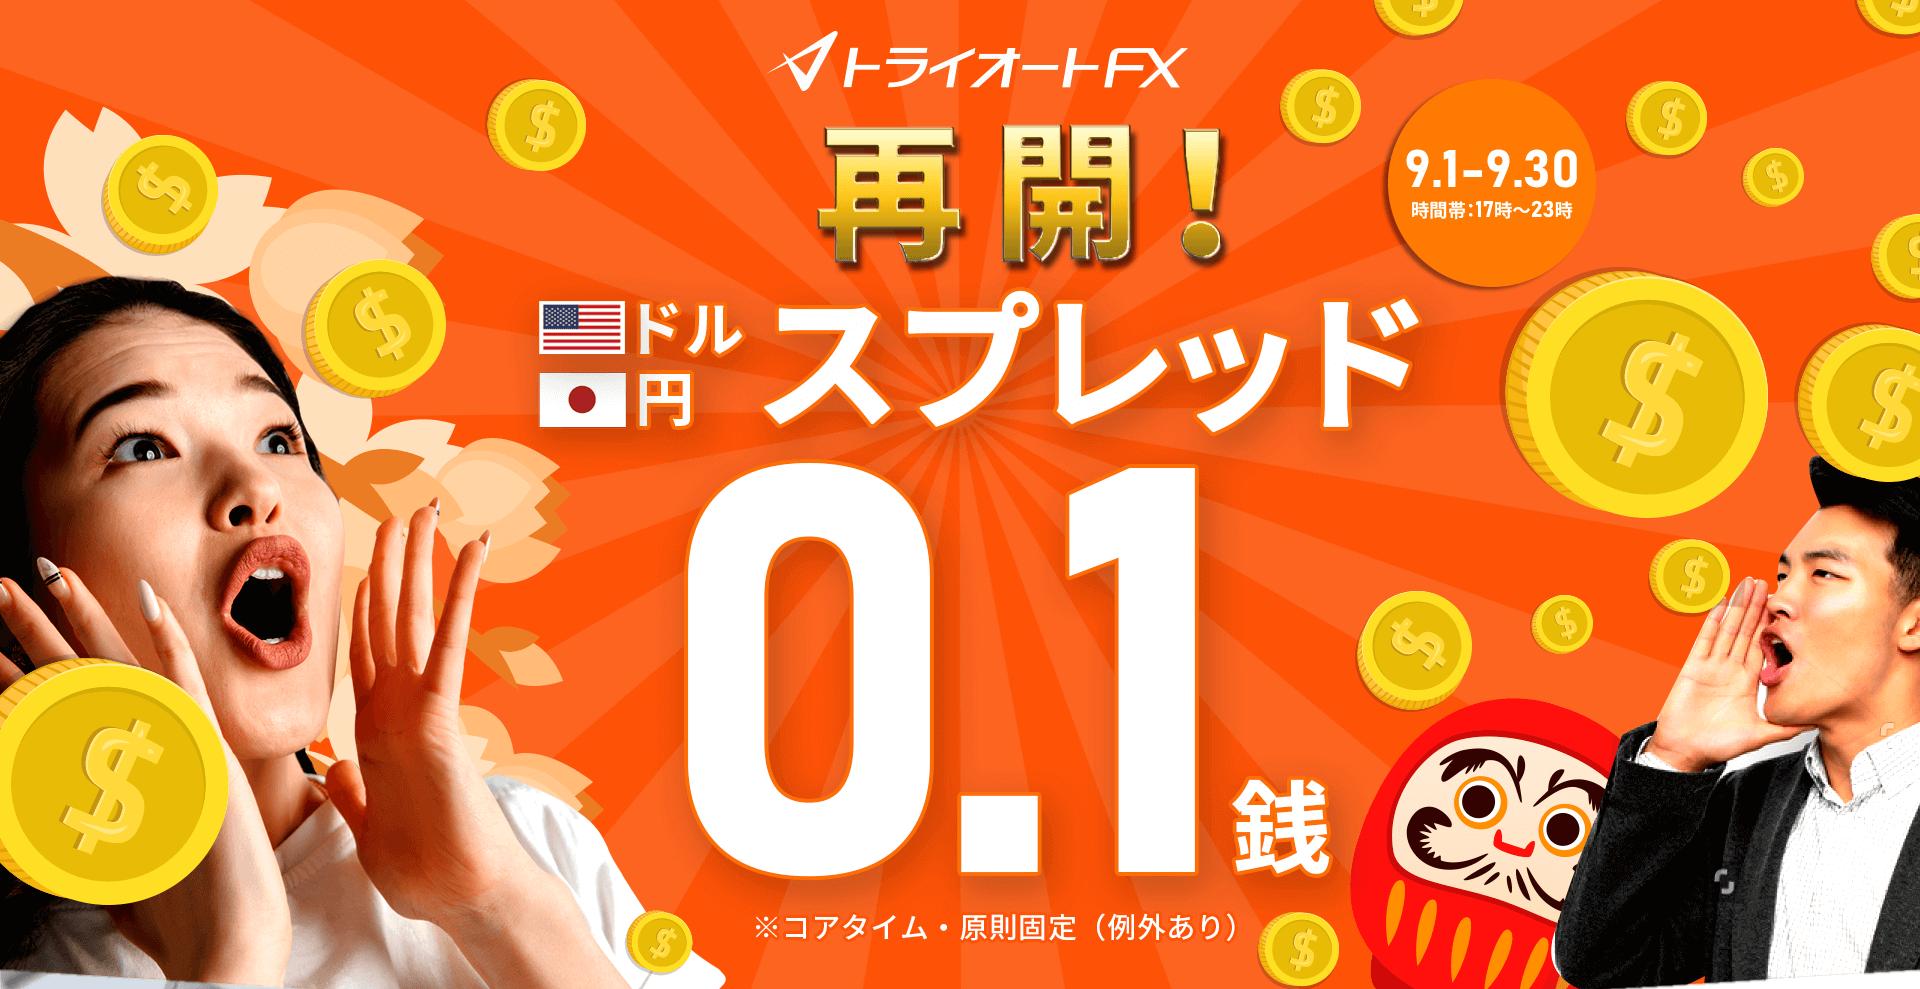 トライオートFX ドル円キャンペーン